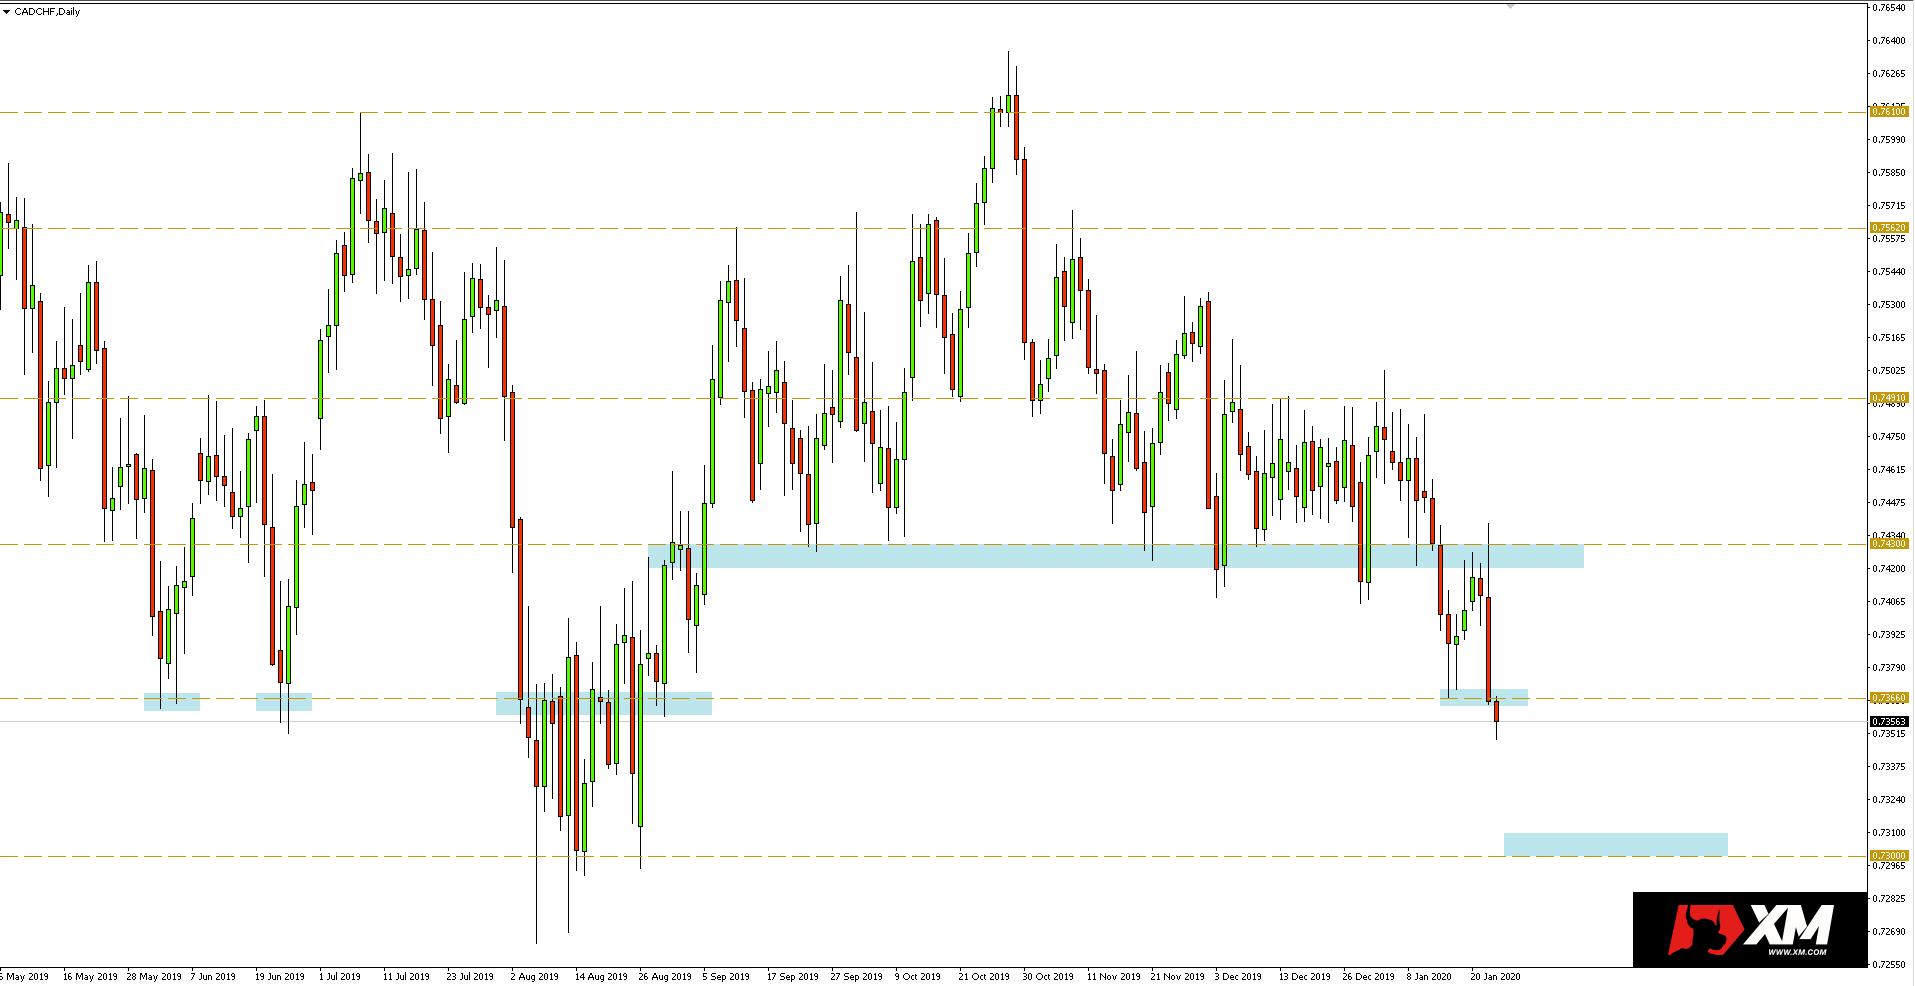 Wykres dzienny pary walutowej CADCHF - 23.01.2020 r.